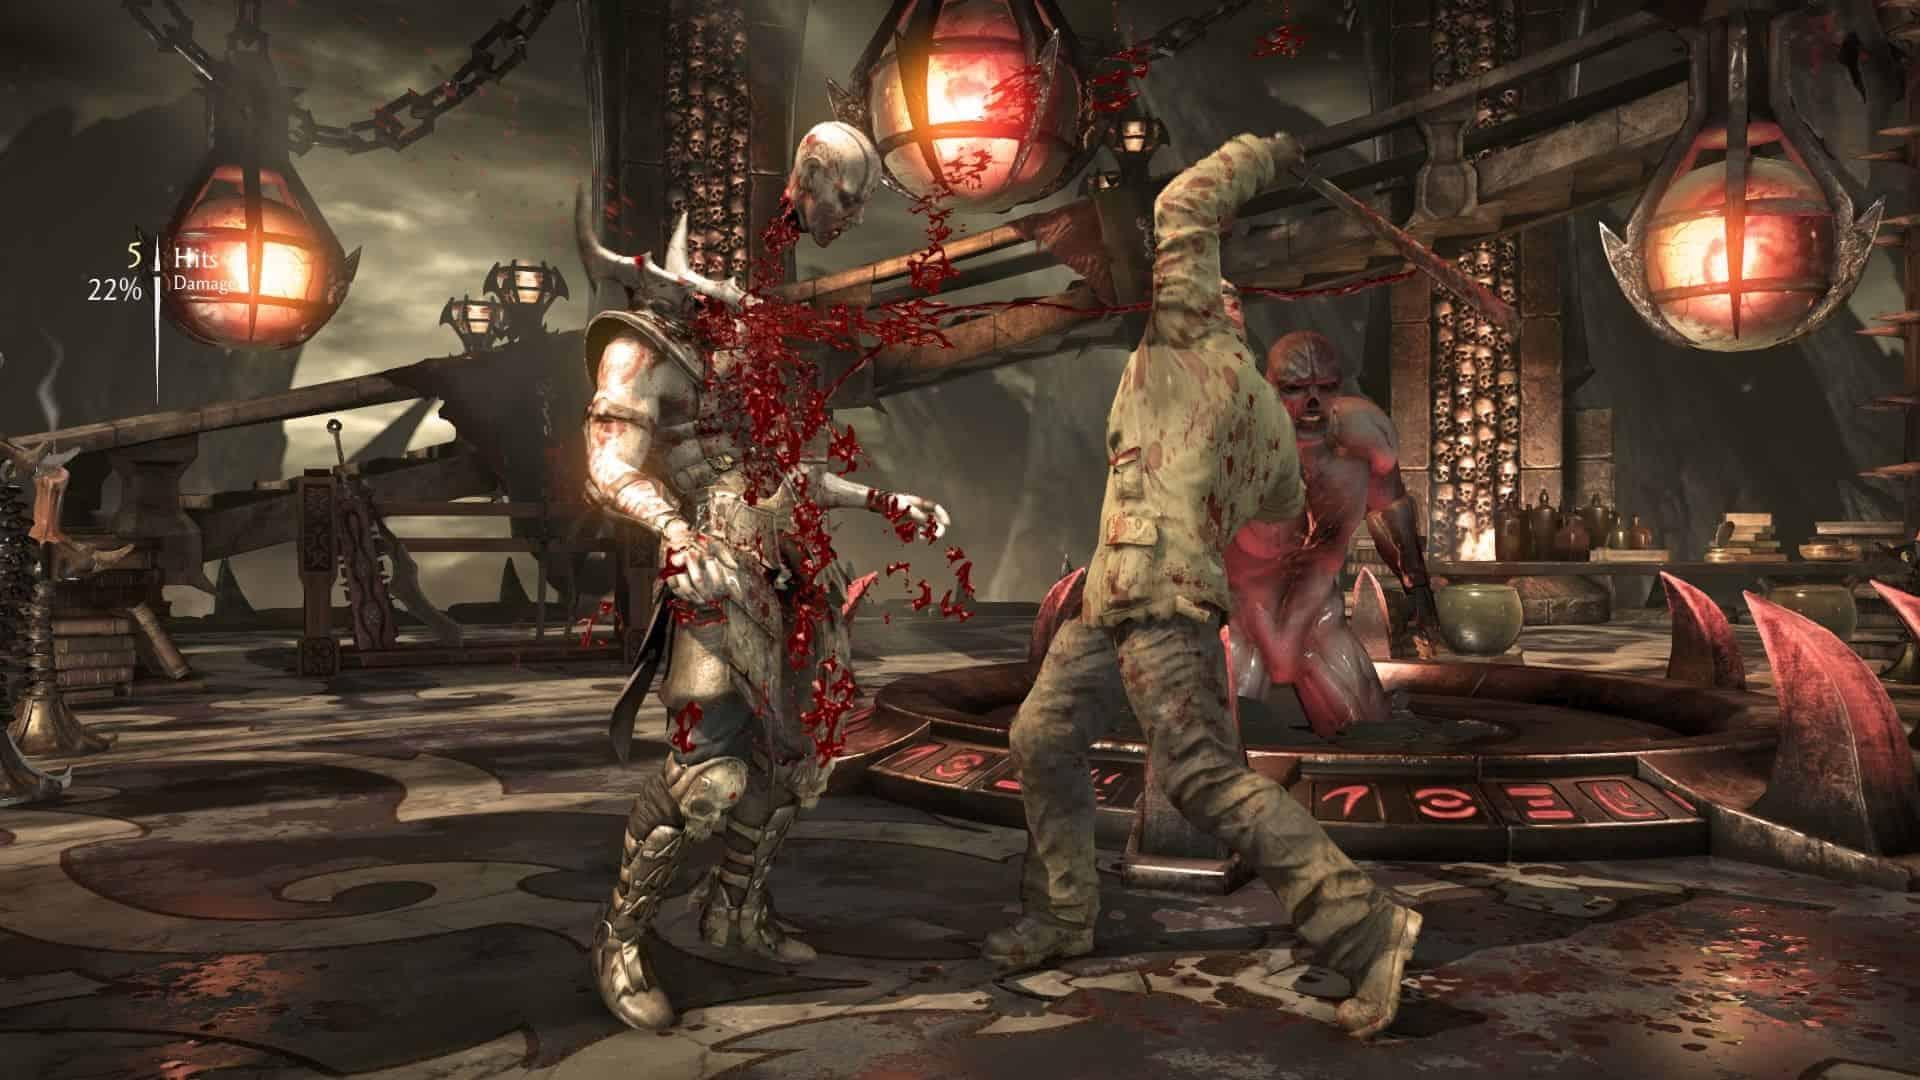 Mortal Kombat X Free game Download - Install-Game